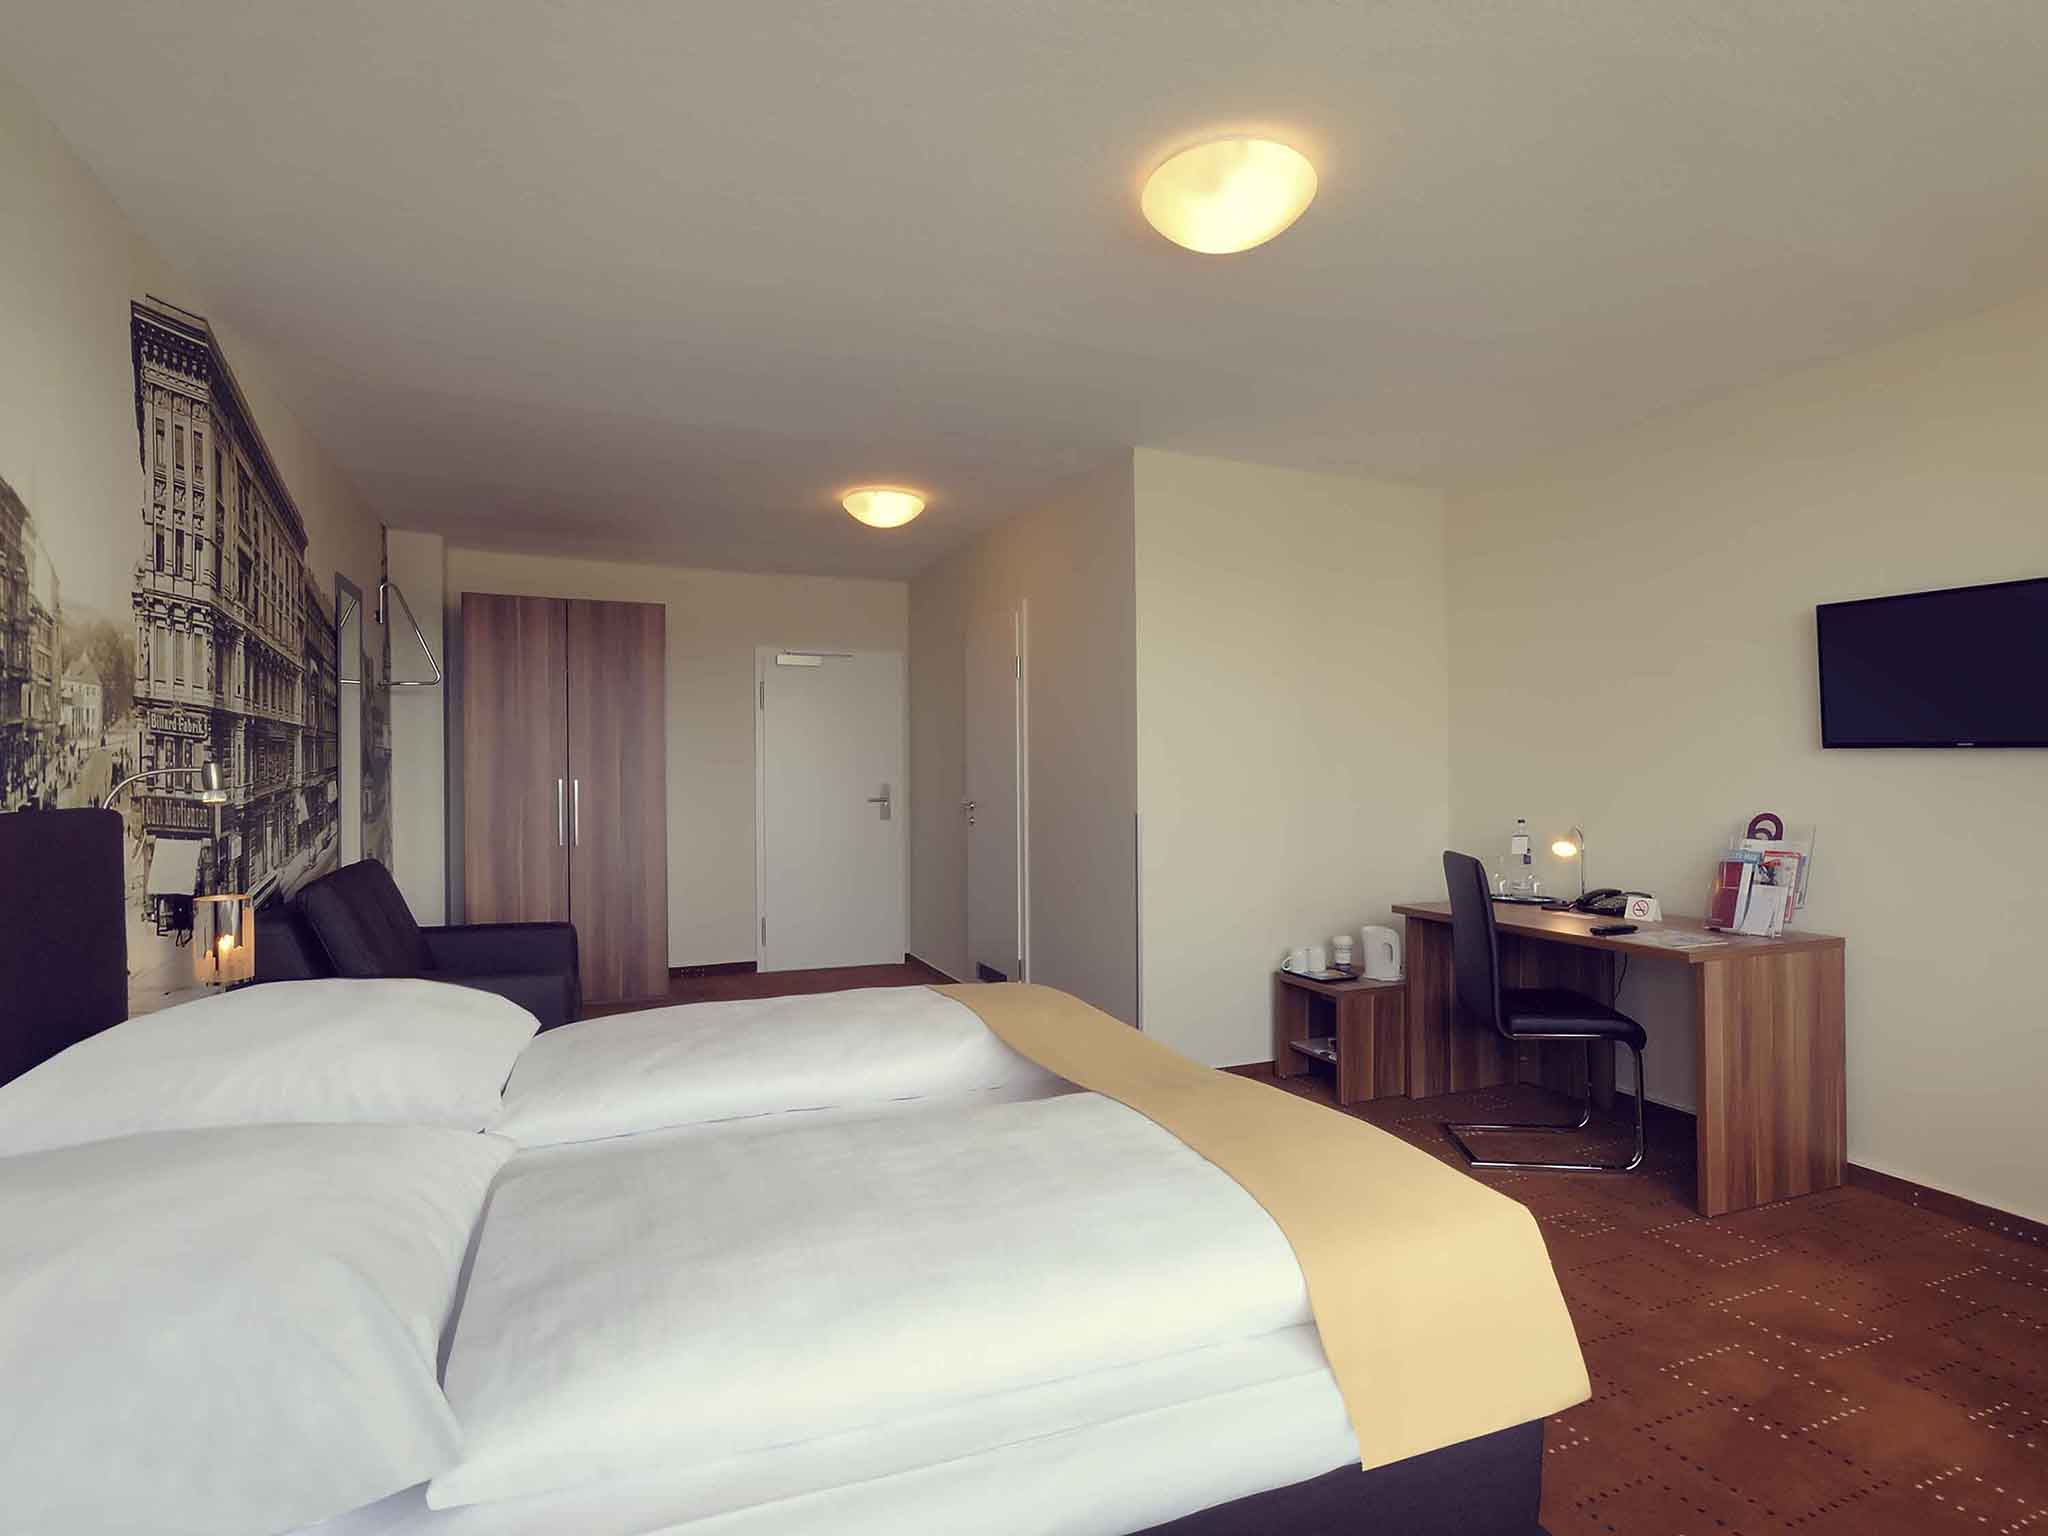 ホテル – メルキュールホテルベルリンアムアレクサンダープラッツ